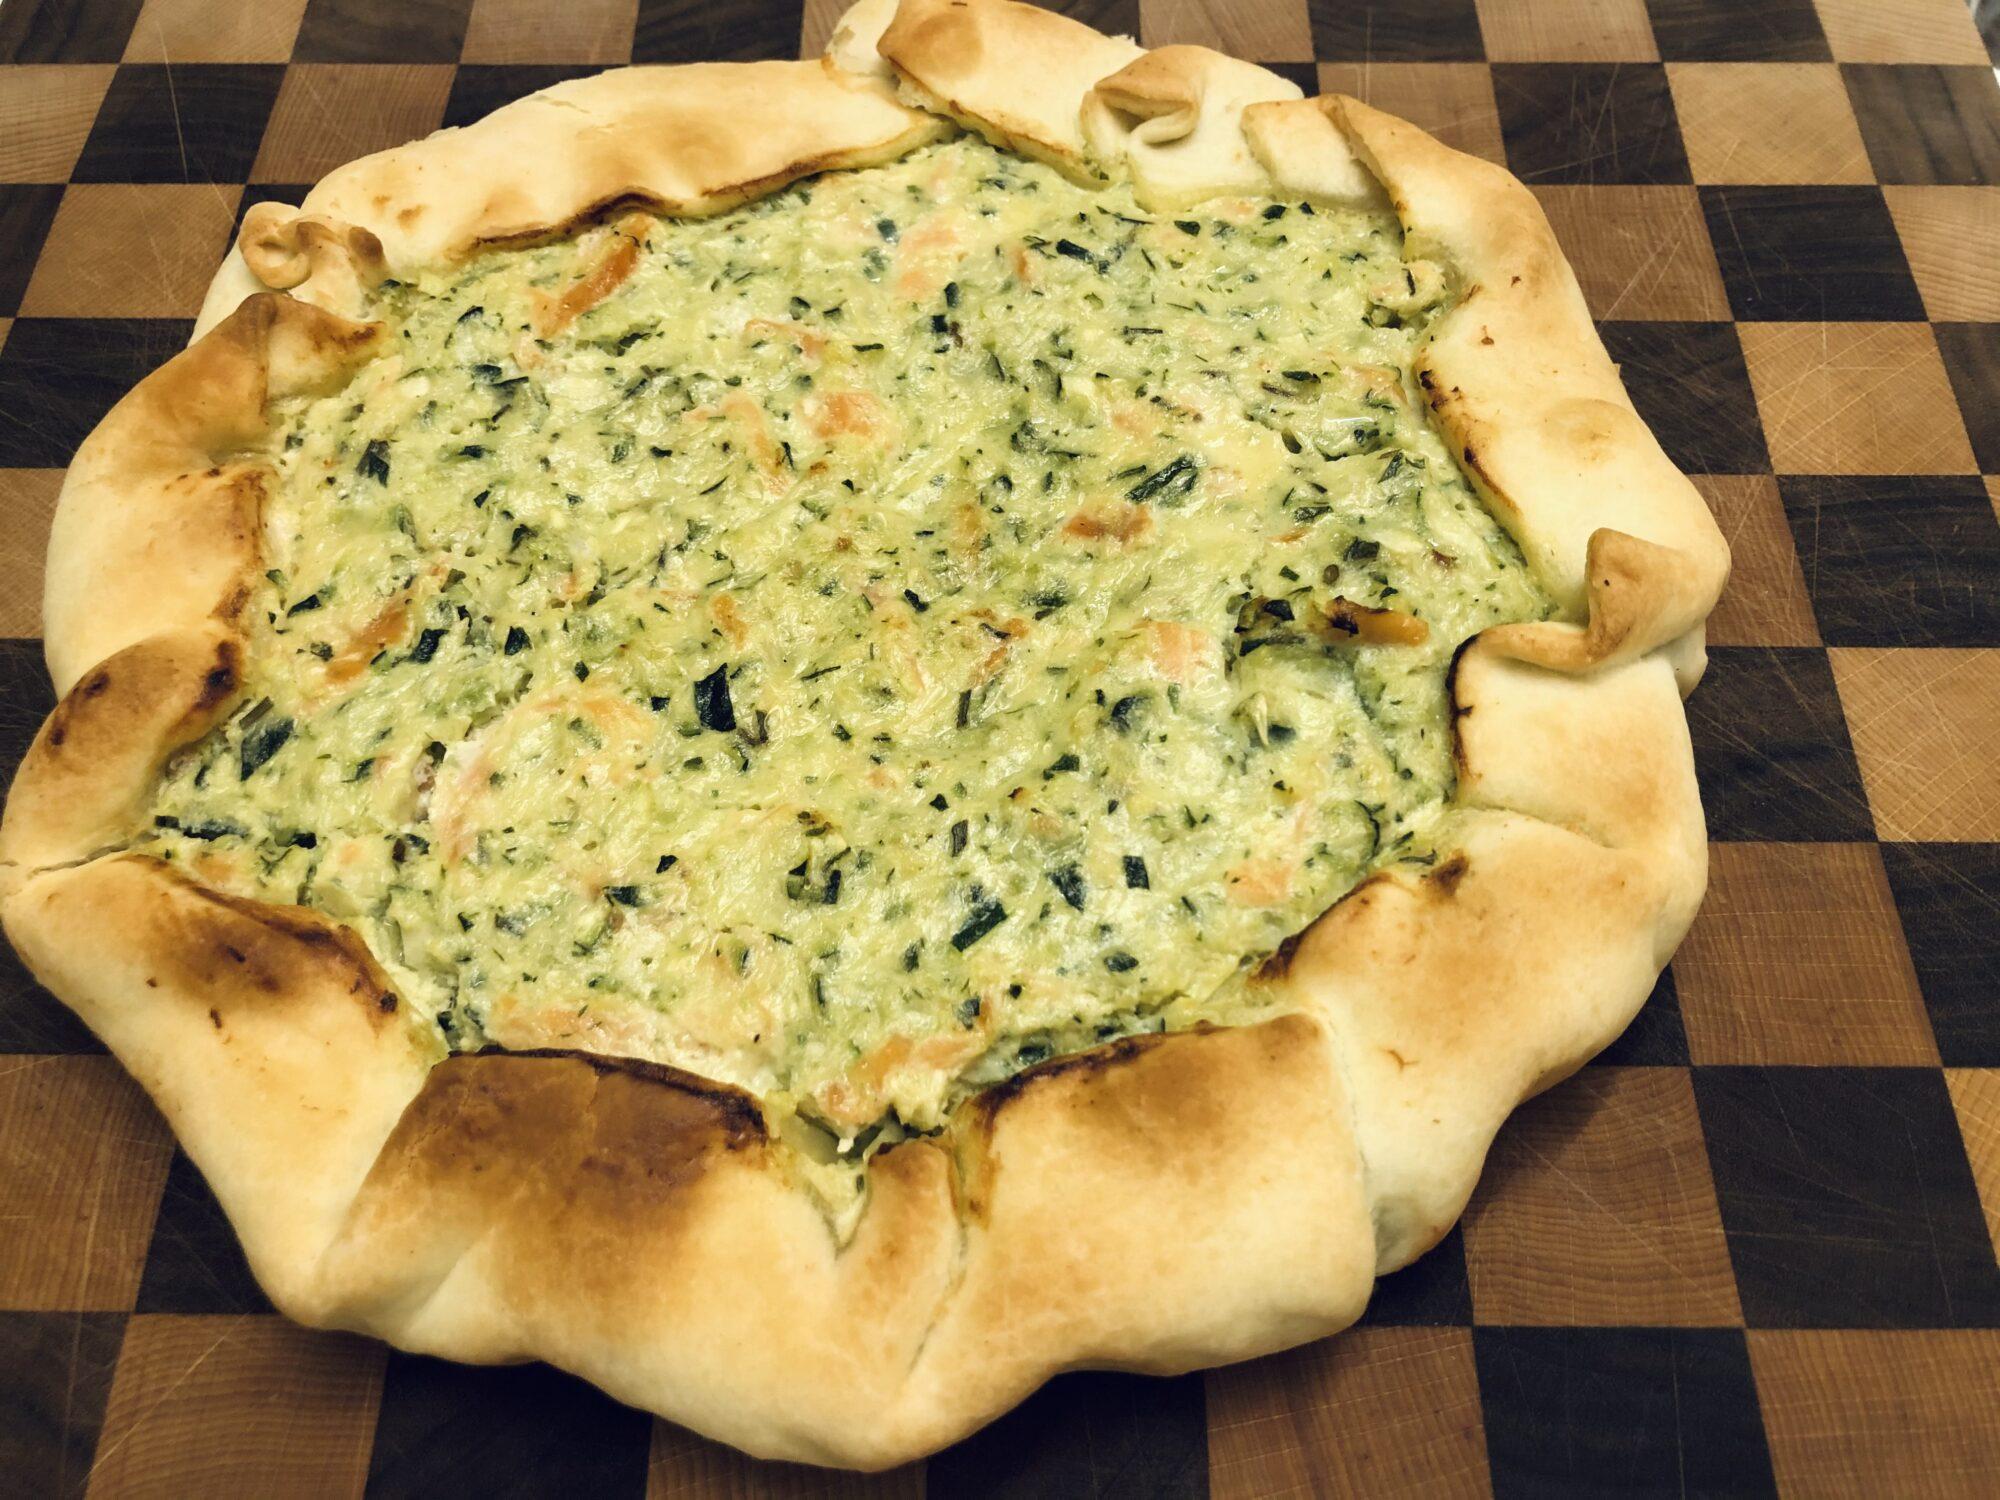 Ricetta Quiche Salmone E Zucchine.Torta Salata Con Salmone E Zucchine Le Ricette Di Casa Nostra